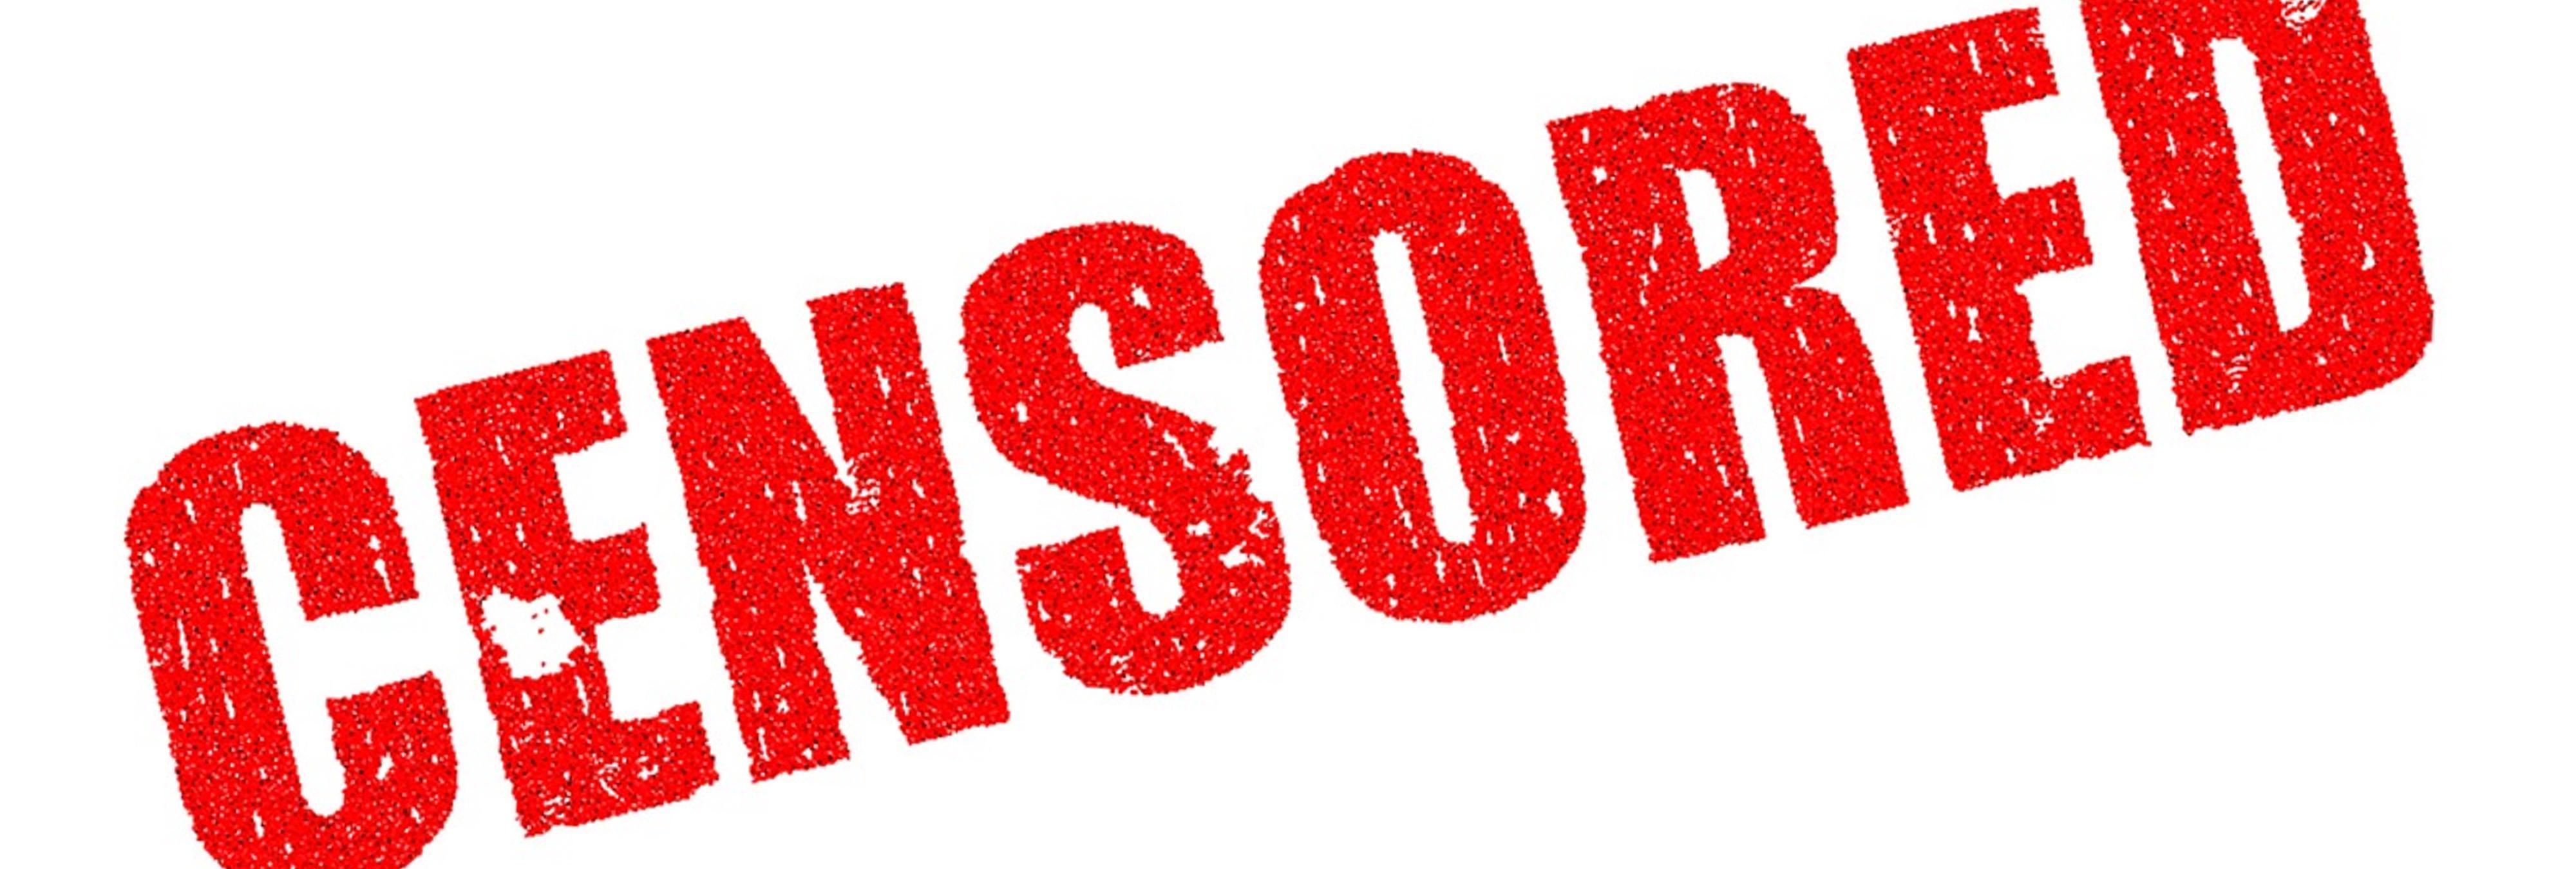 Twitter bloquea la cuenta de Facua por denunciar una estafa